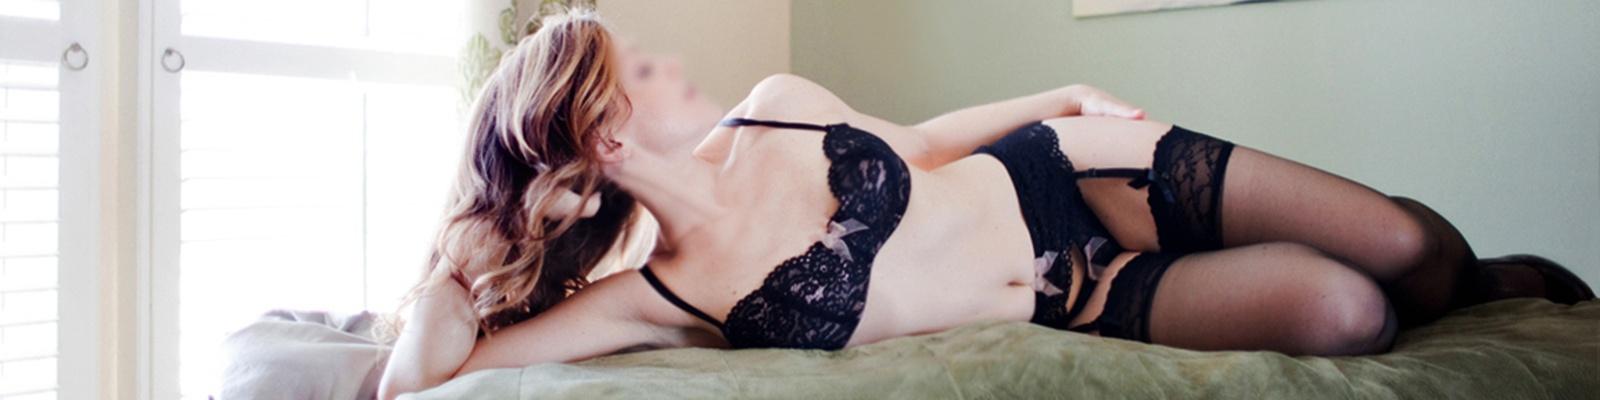 Cora Bella - CMT's Cover Photo